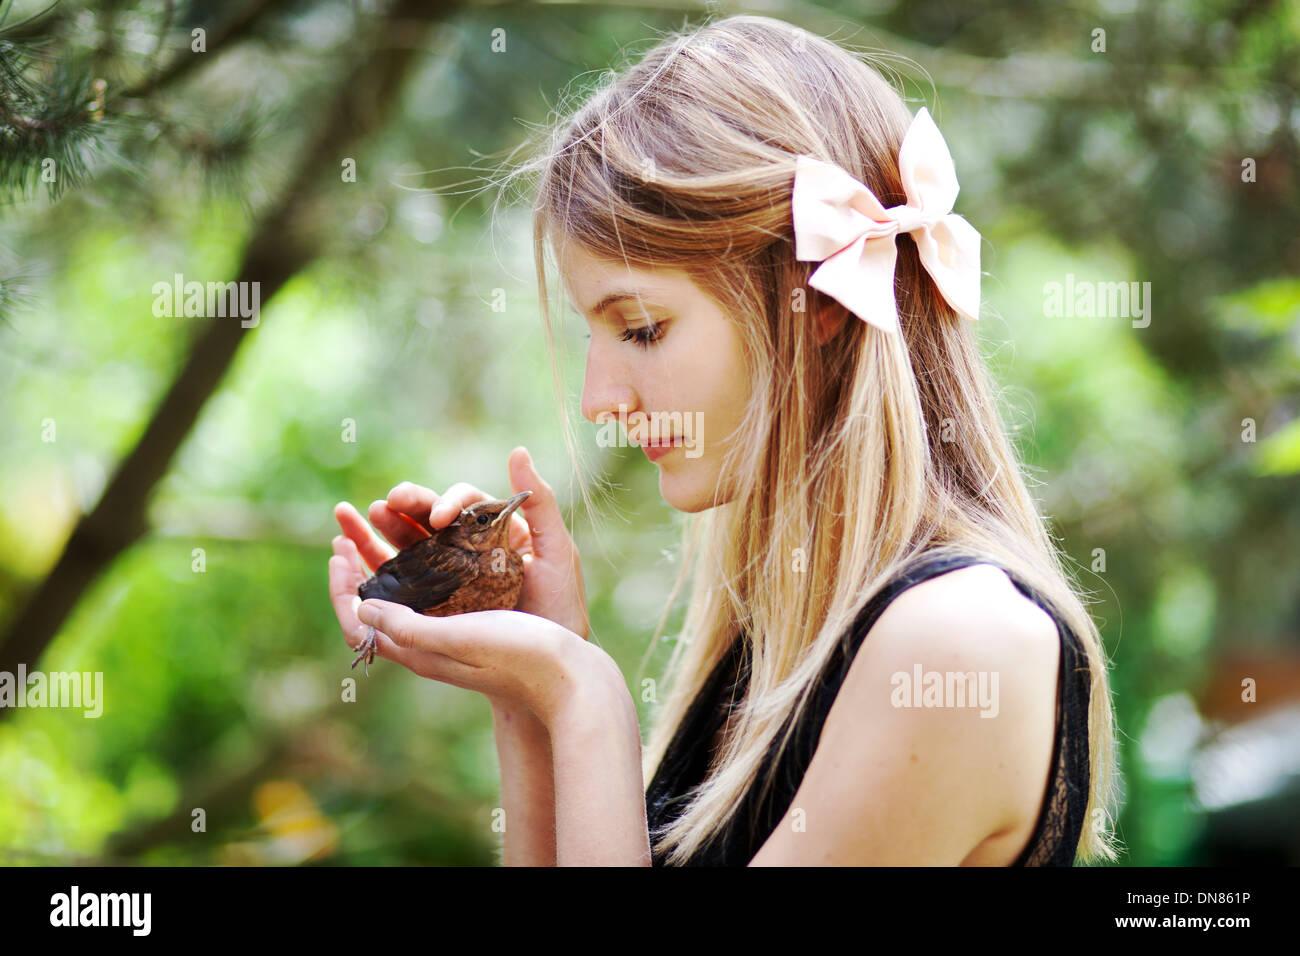 Mädchen mit jungen Spatz in der Hand Stockbild